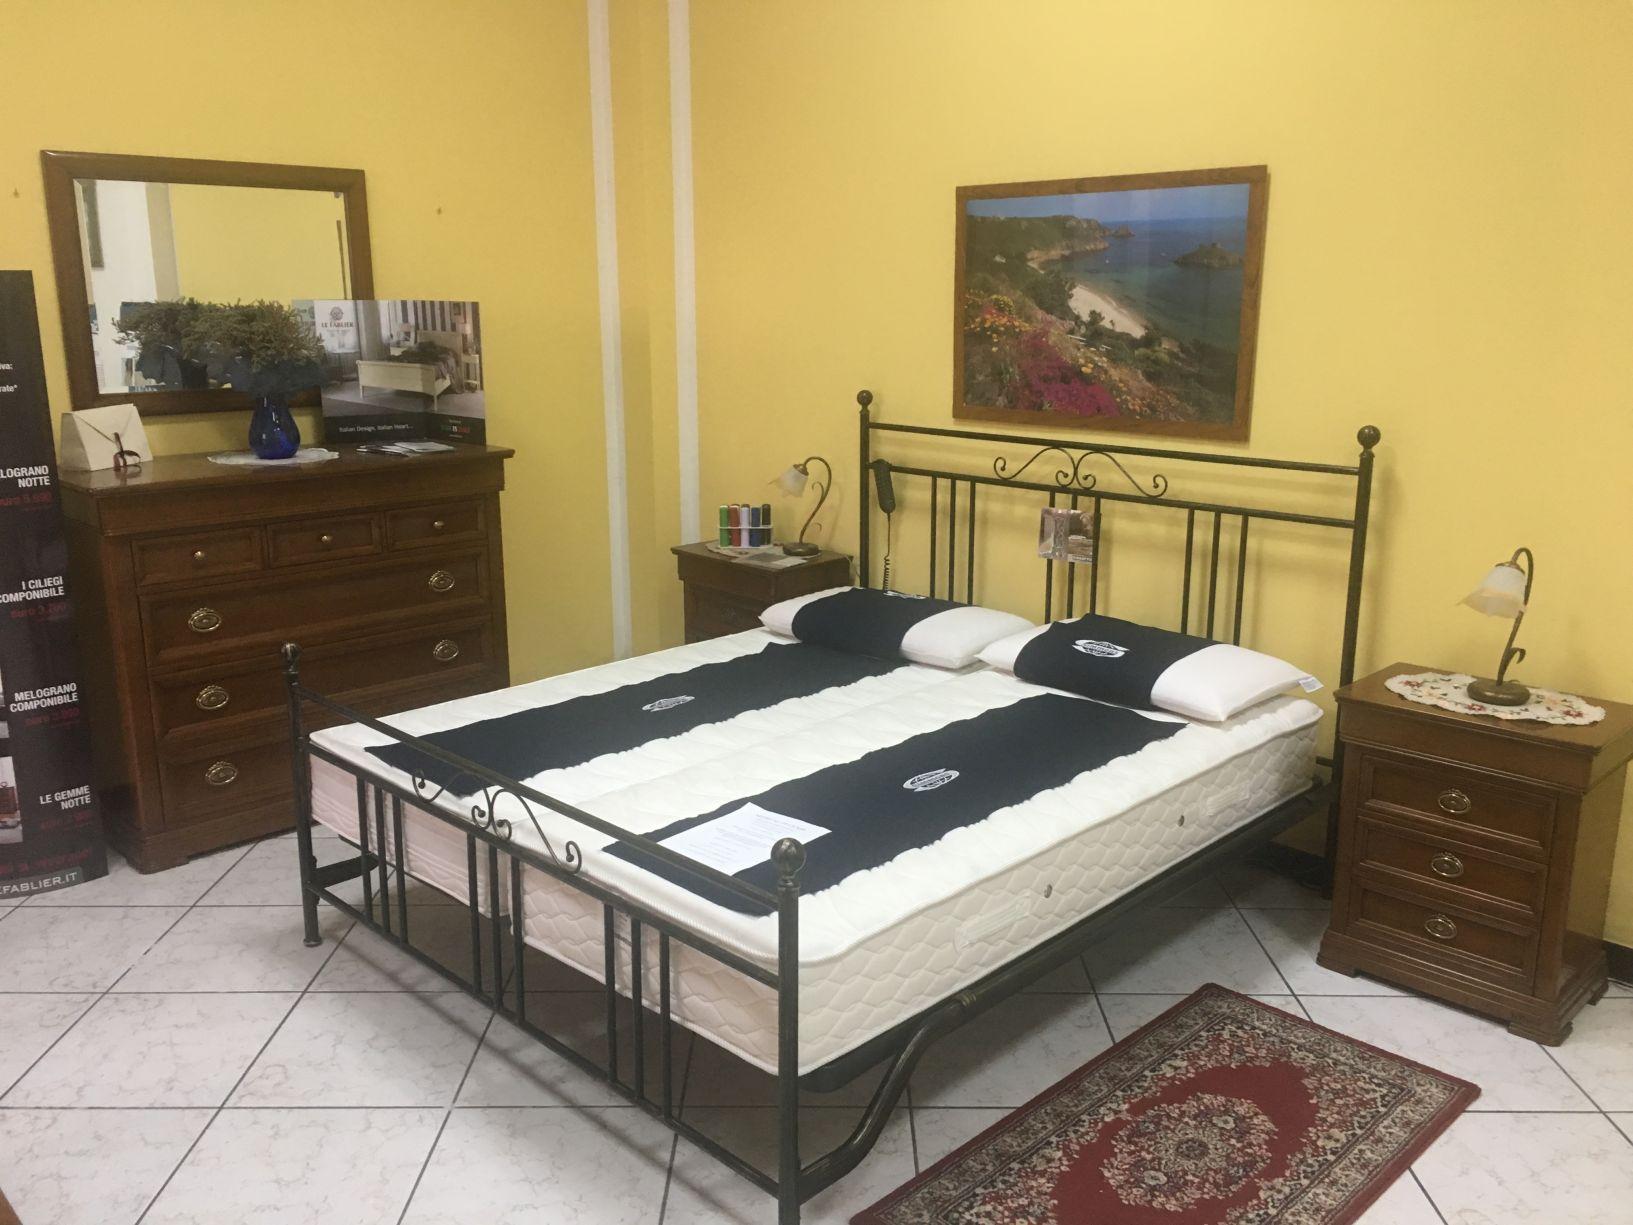 Camera da letto Le Fablier offerta € 2500 | Pasquini Arredamenti